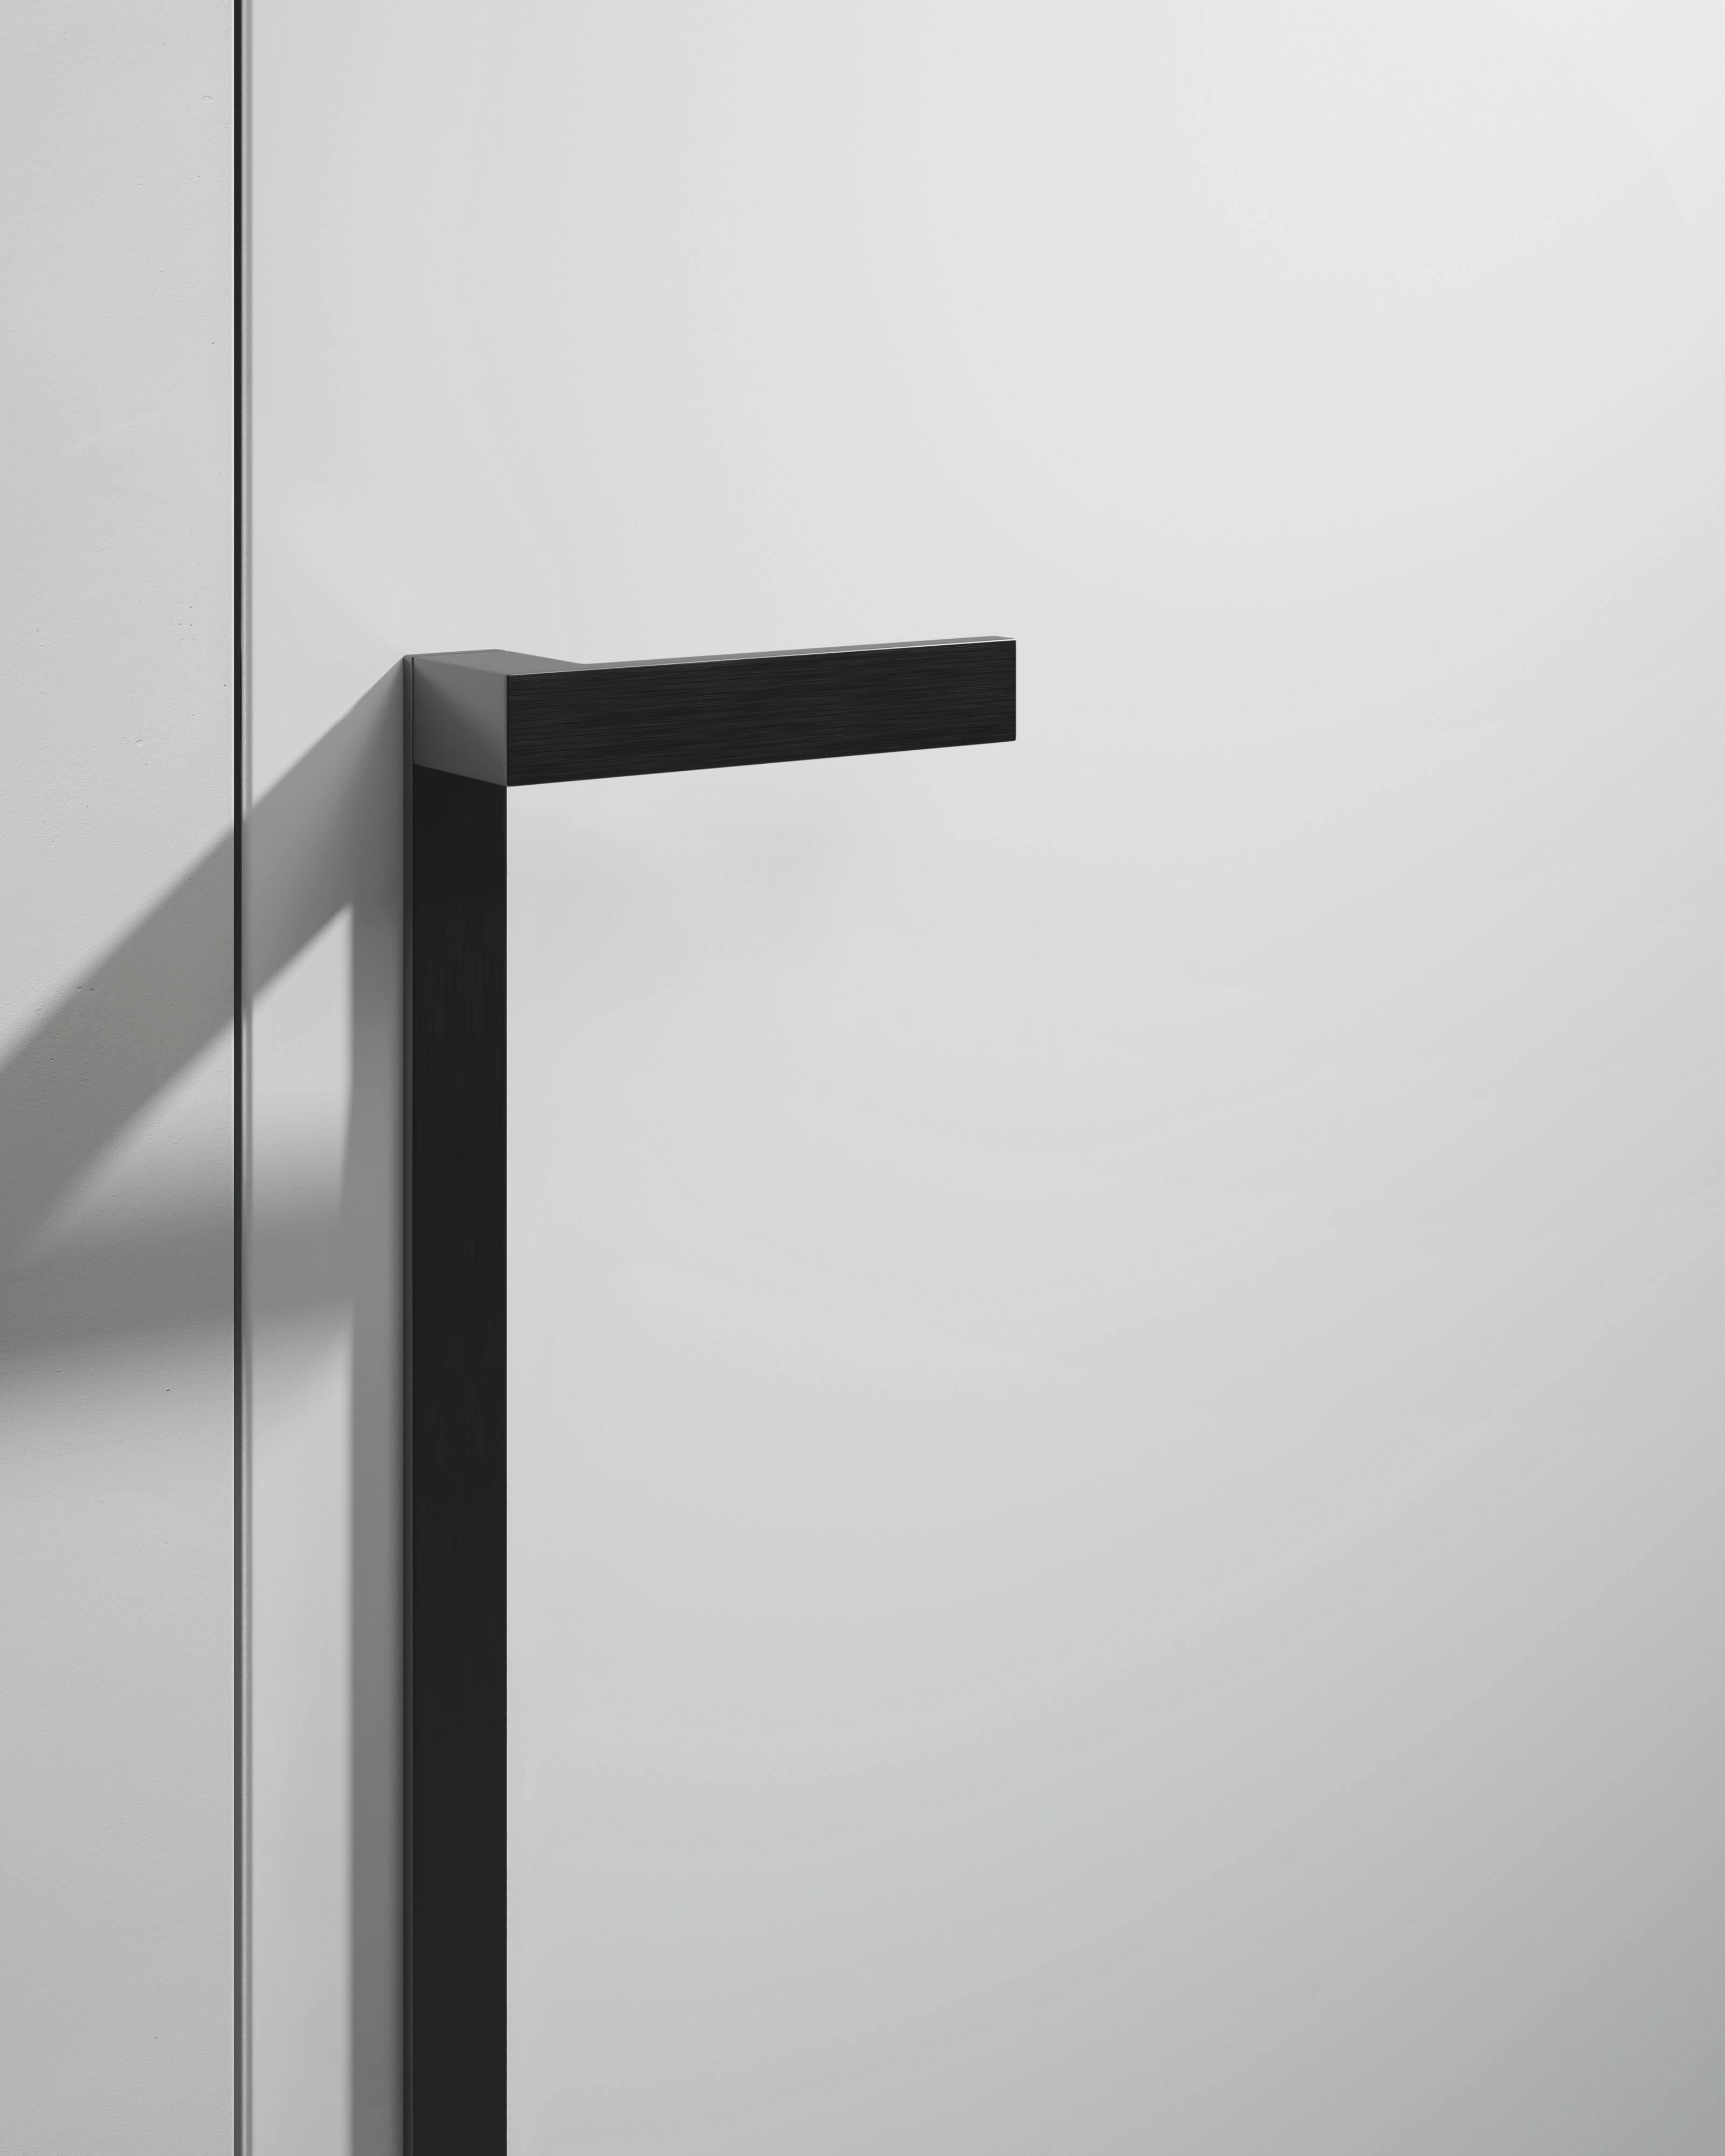 Maniglia porta a battente Garofoli Infinito Close Up